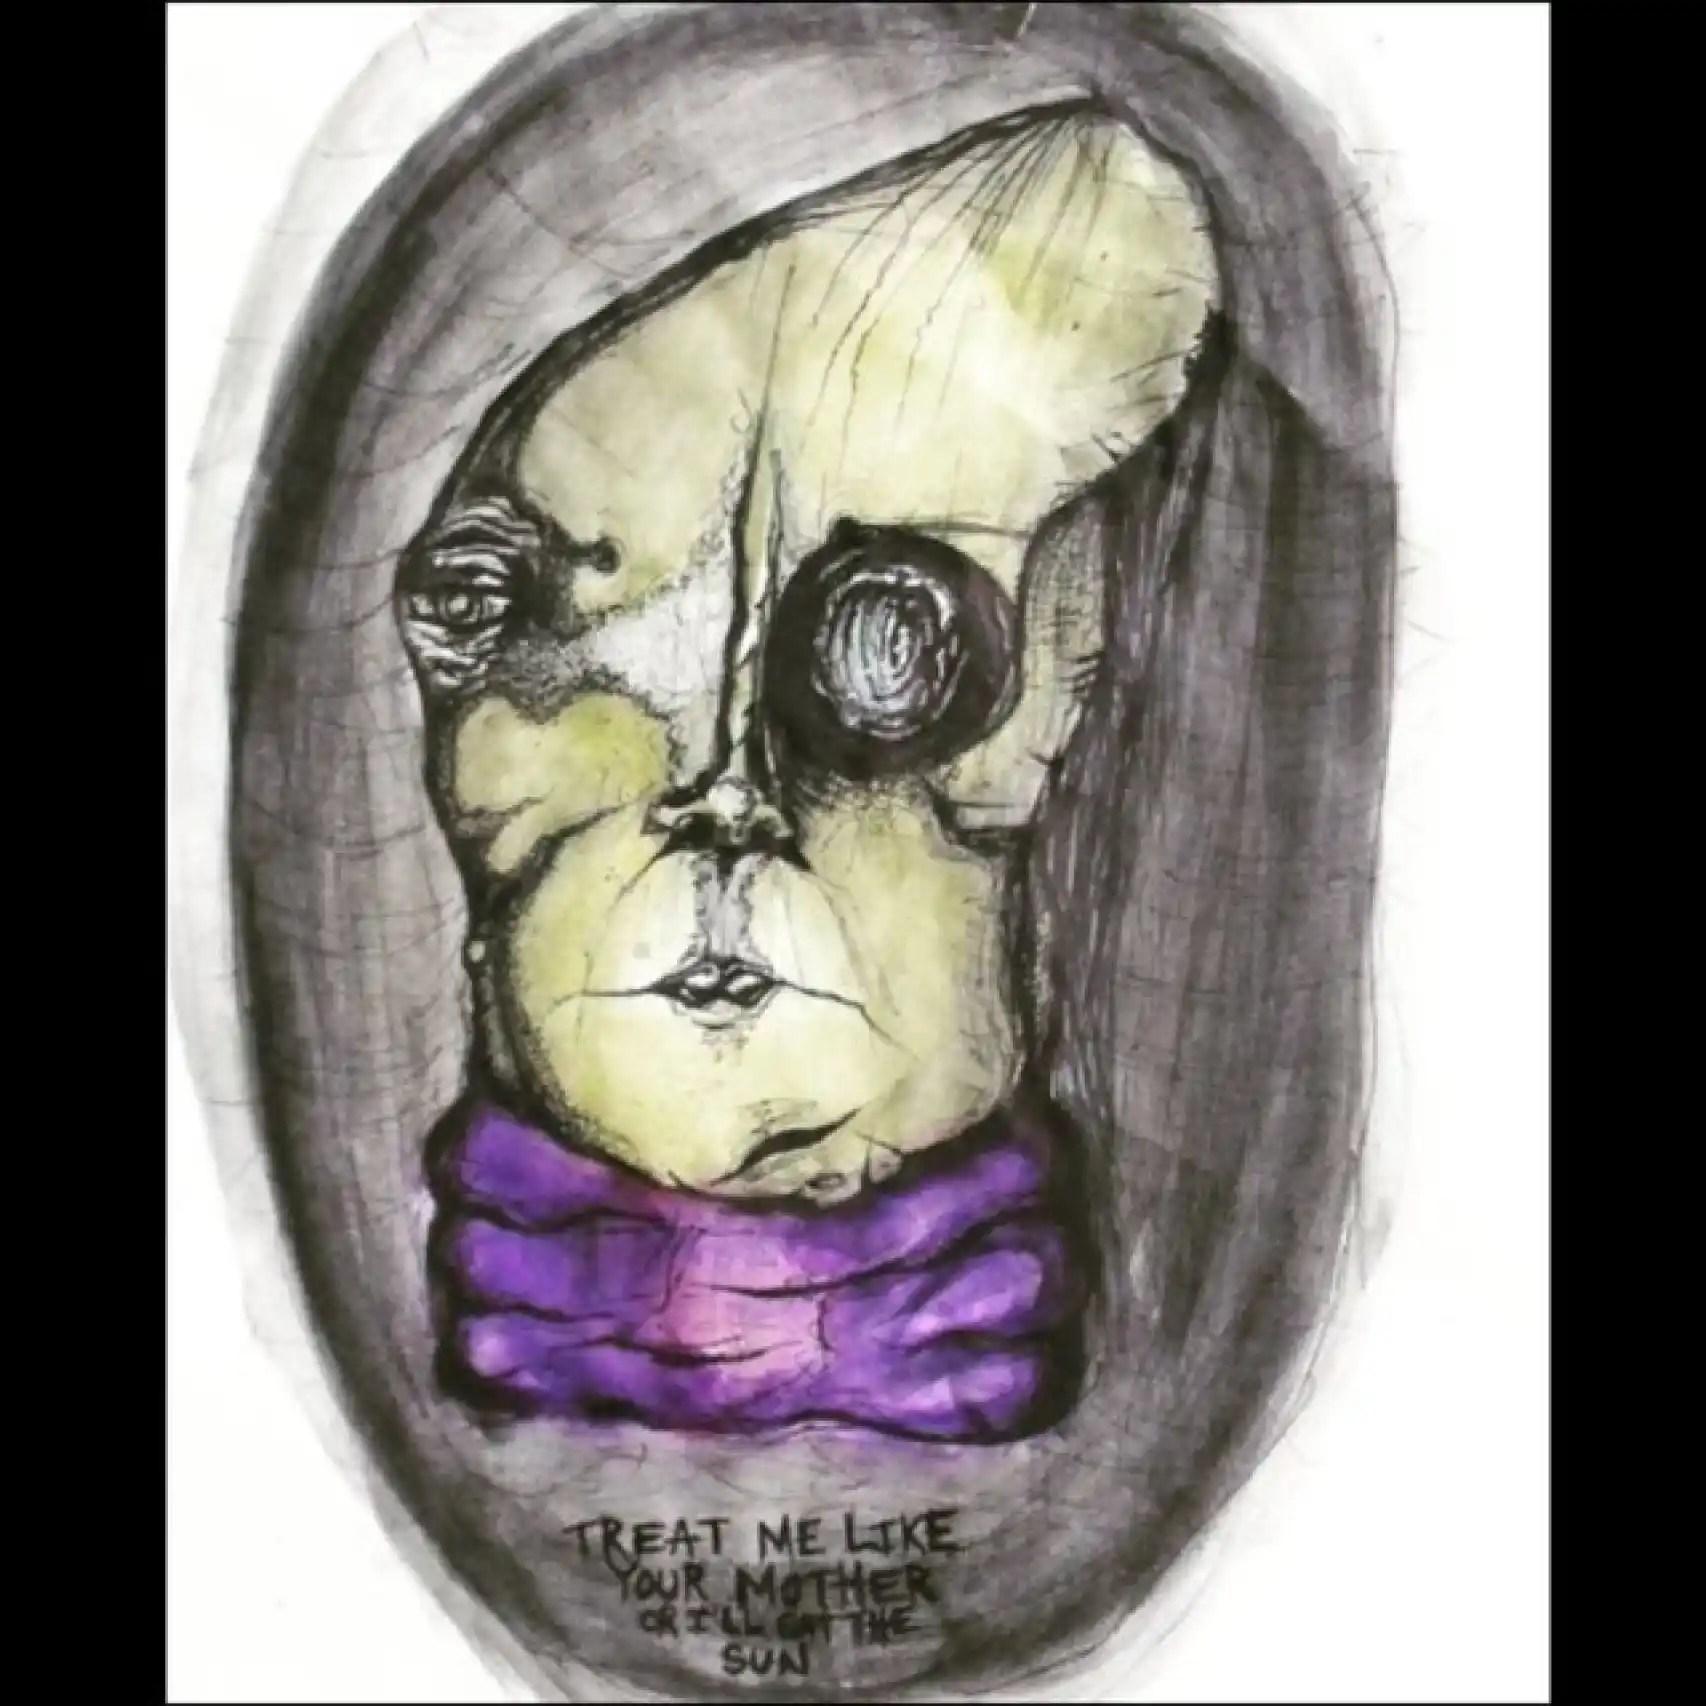 Más misterio en las pinturas de la hija de Cobain.